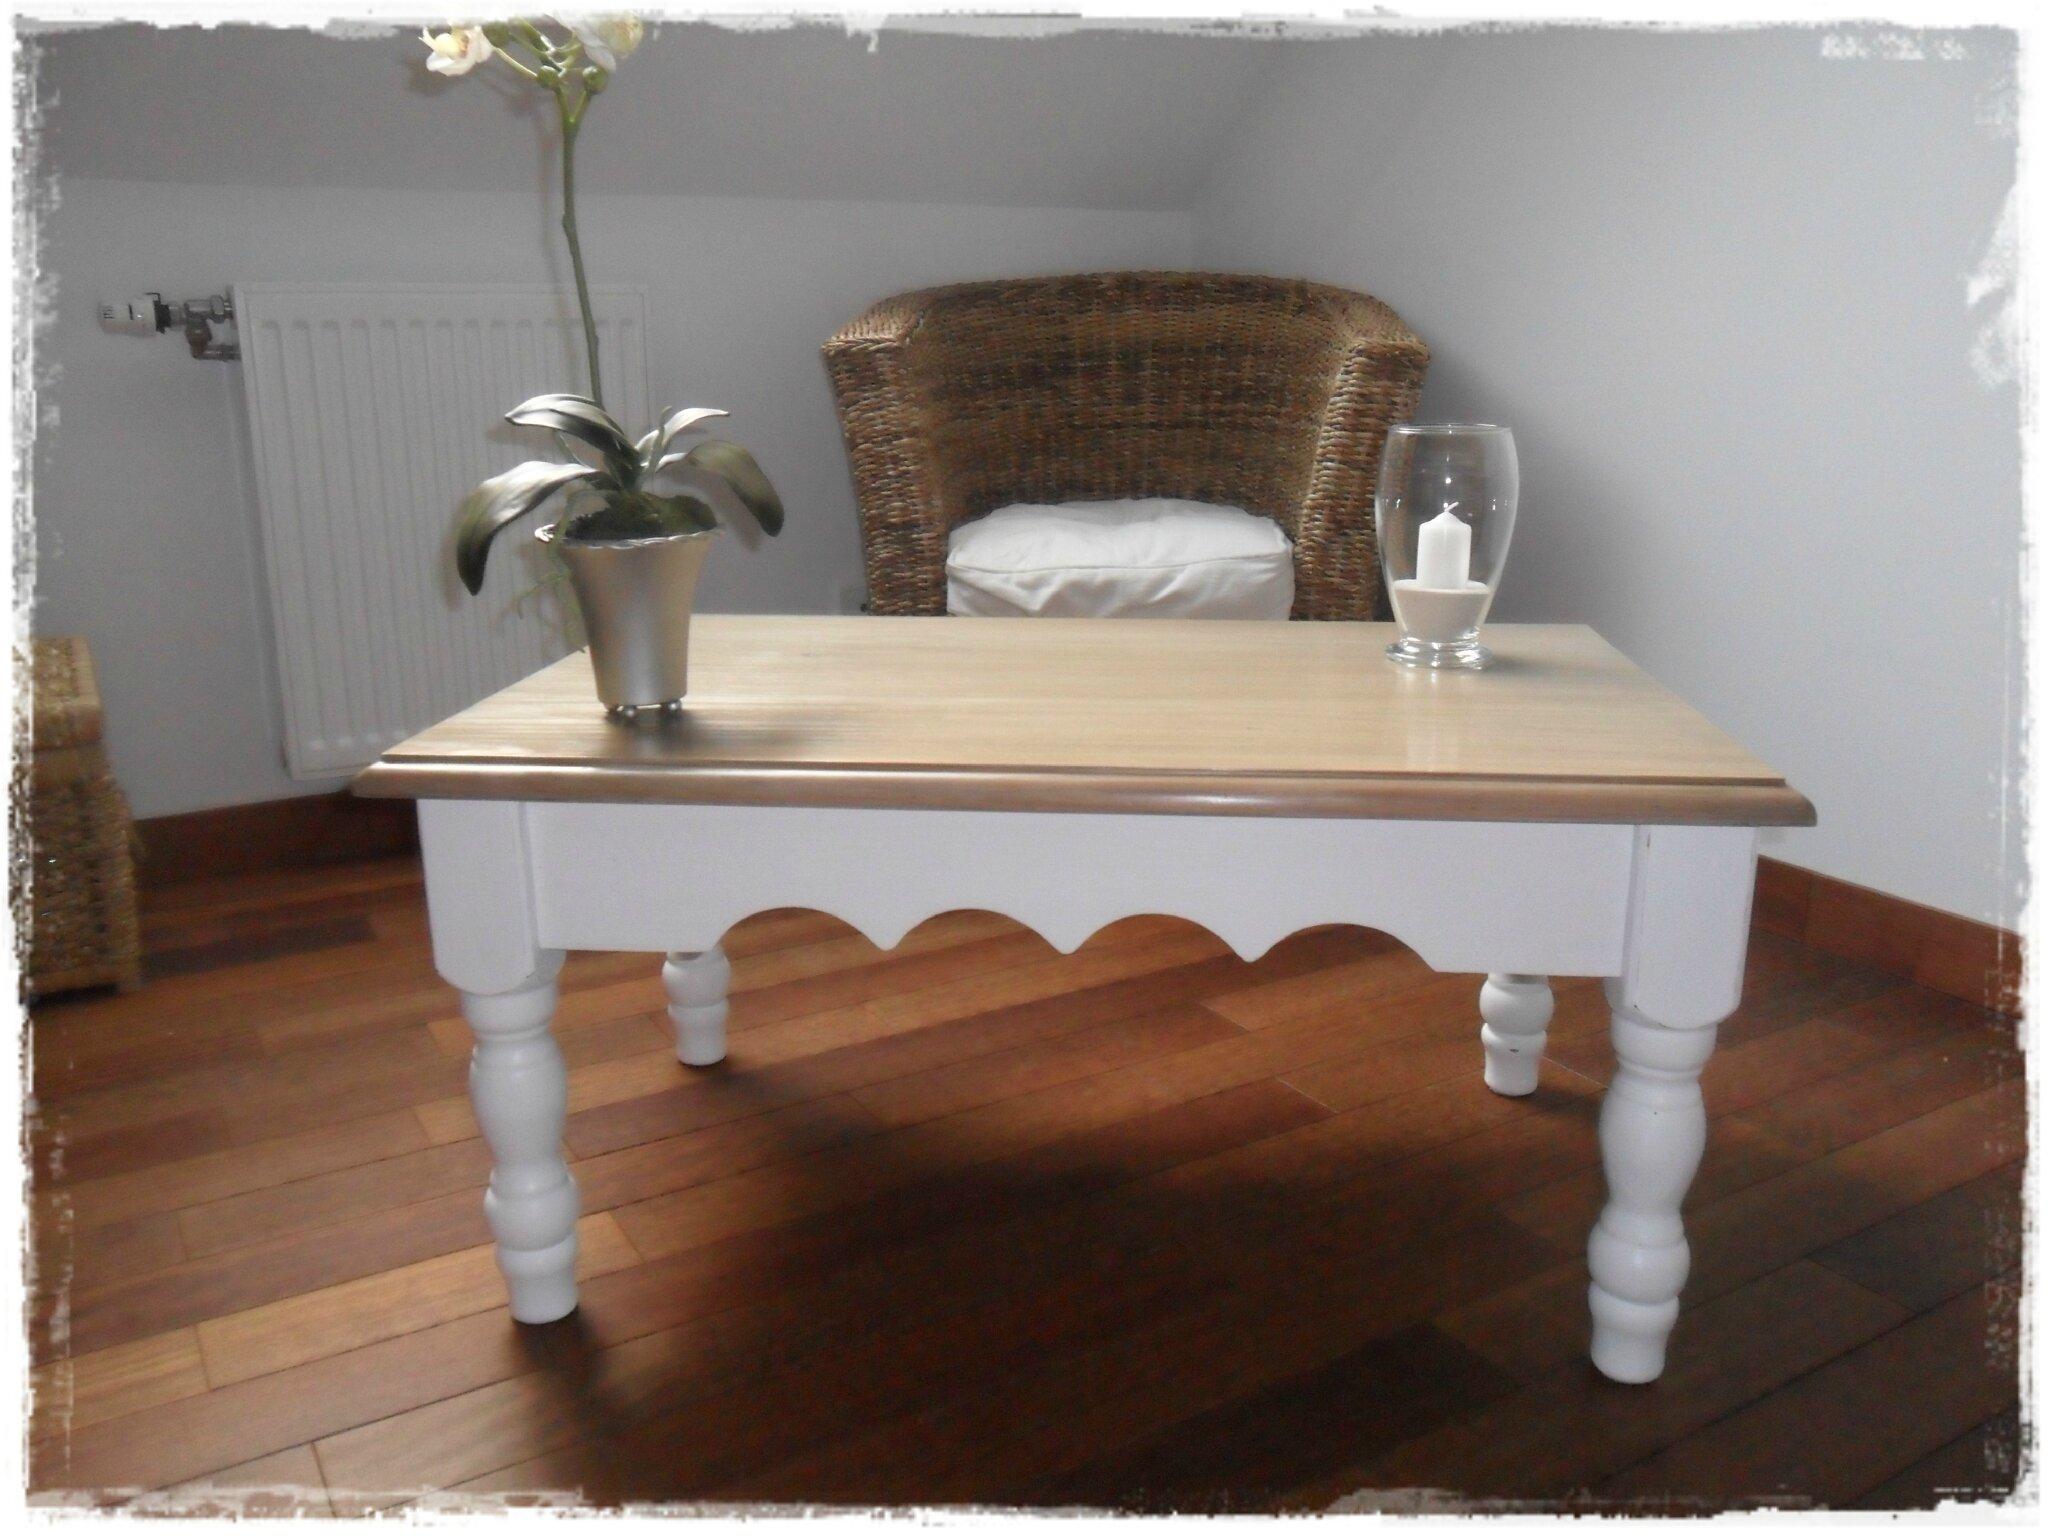 nouveau look pour table en pin broc et patine le. Black Bedroom Furniture Sets. Home Design Ideas